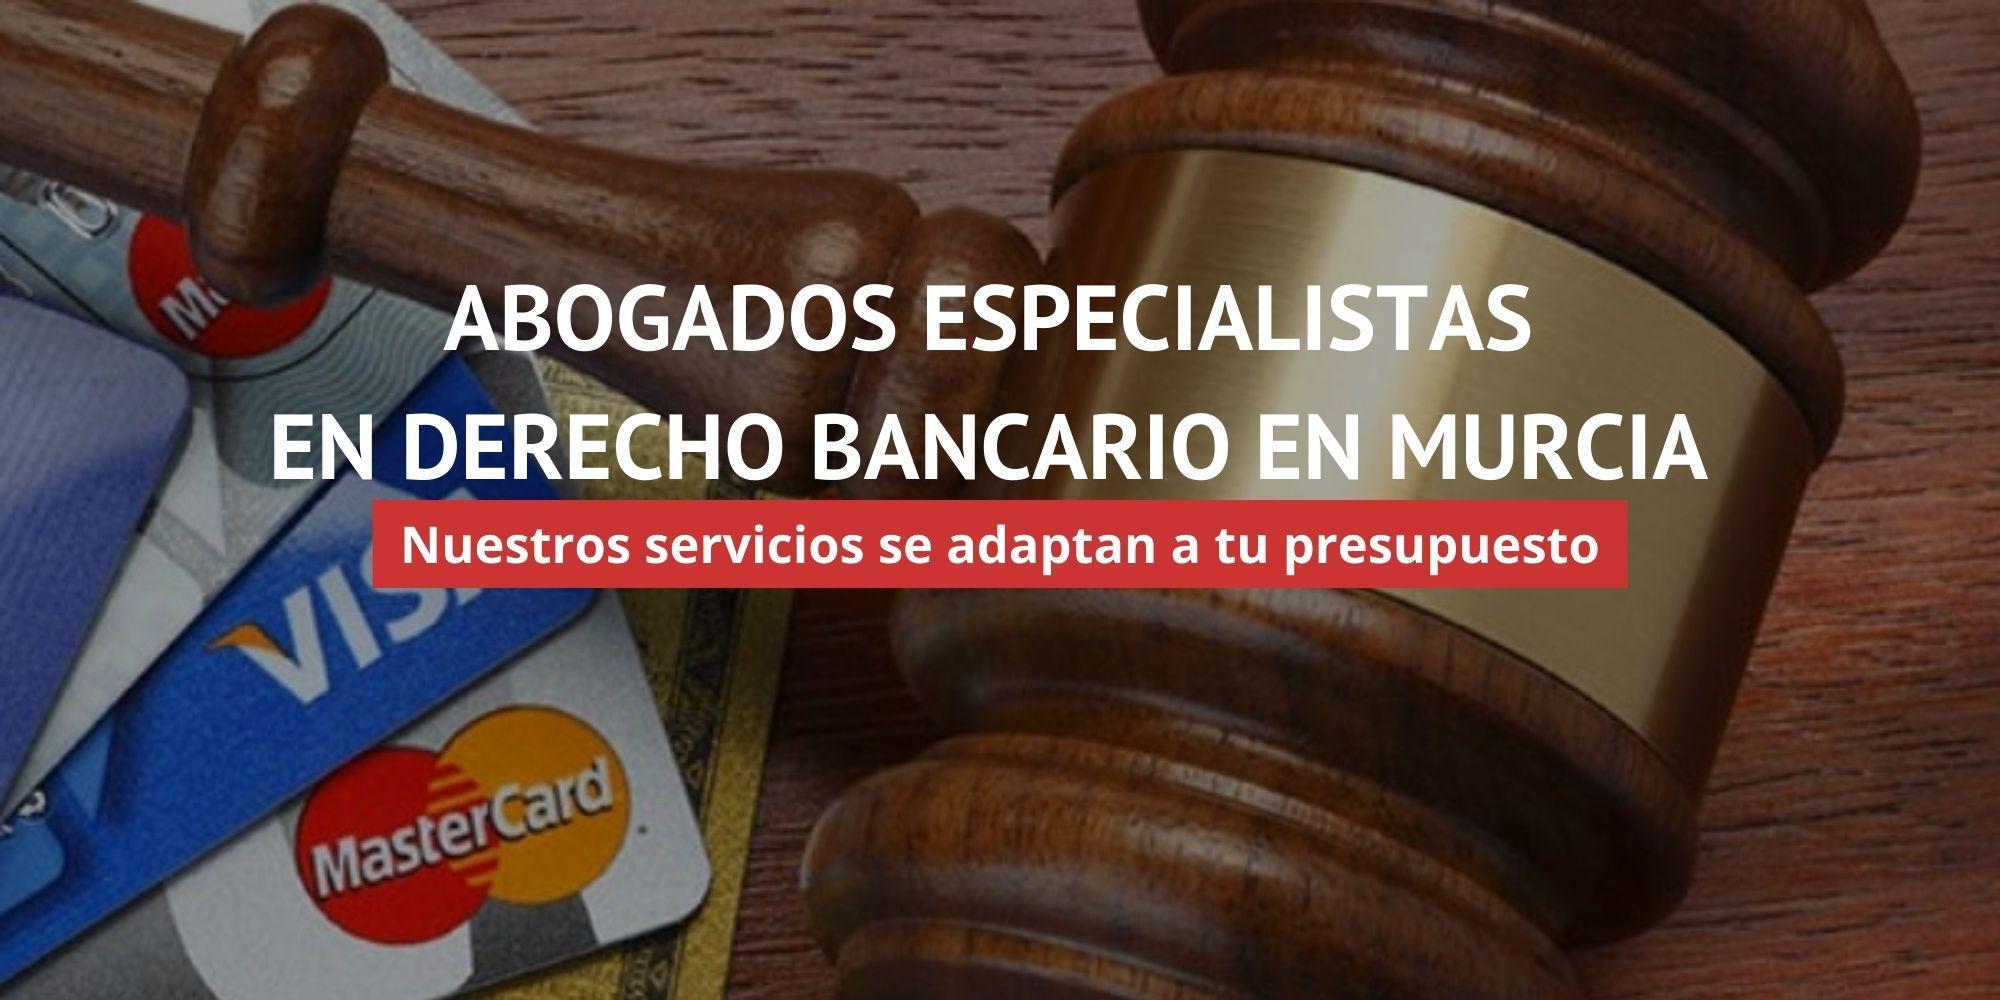 Abogados Derecho Bancario Murcia | Primera Visita Gratis | ACC LEGAL ABOGADOS